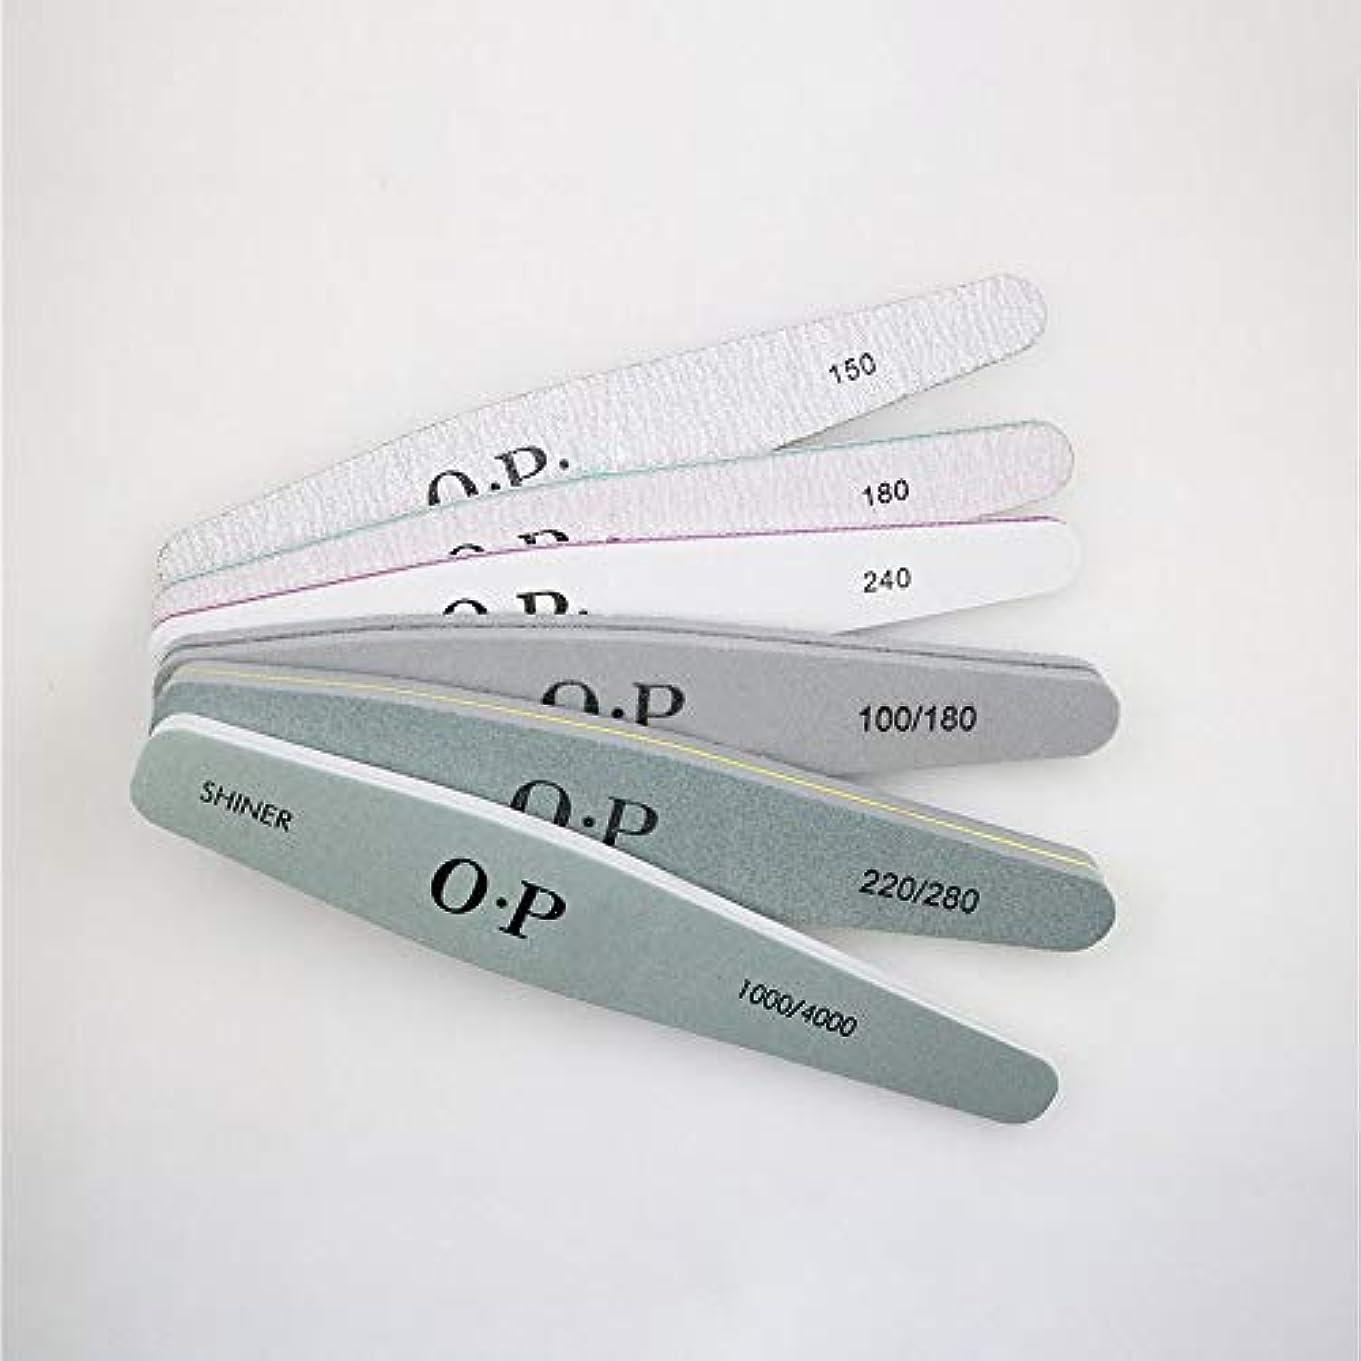 診断するプラグメンバー爪やすり ジェルネイルファイル プロネイルバッファー 爪磨き ソフトファイル 両面使える (6本セット )